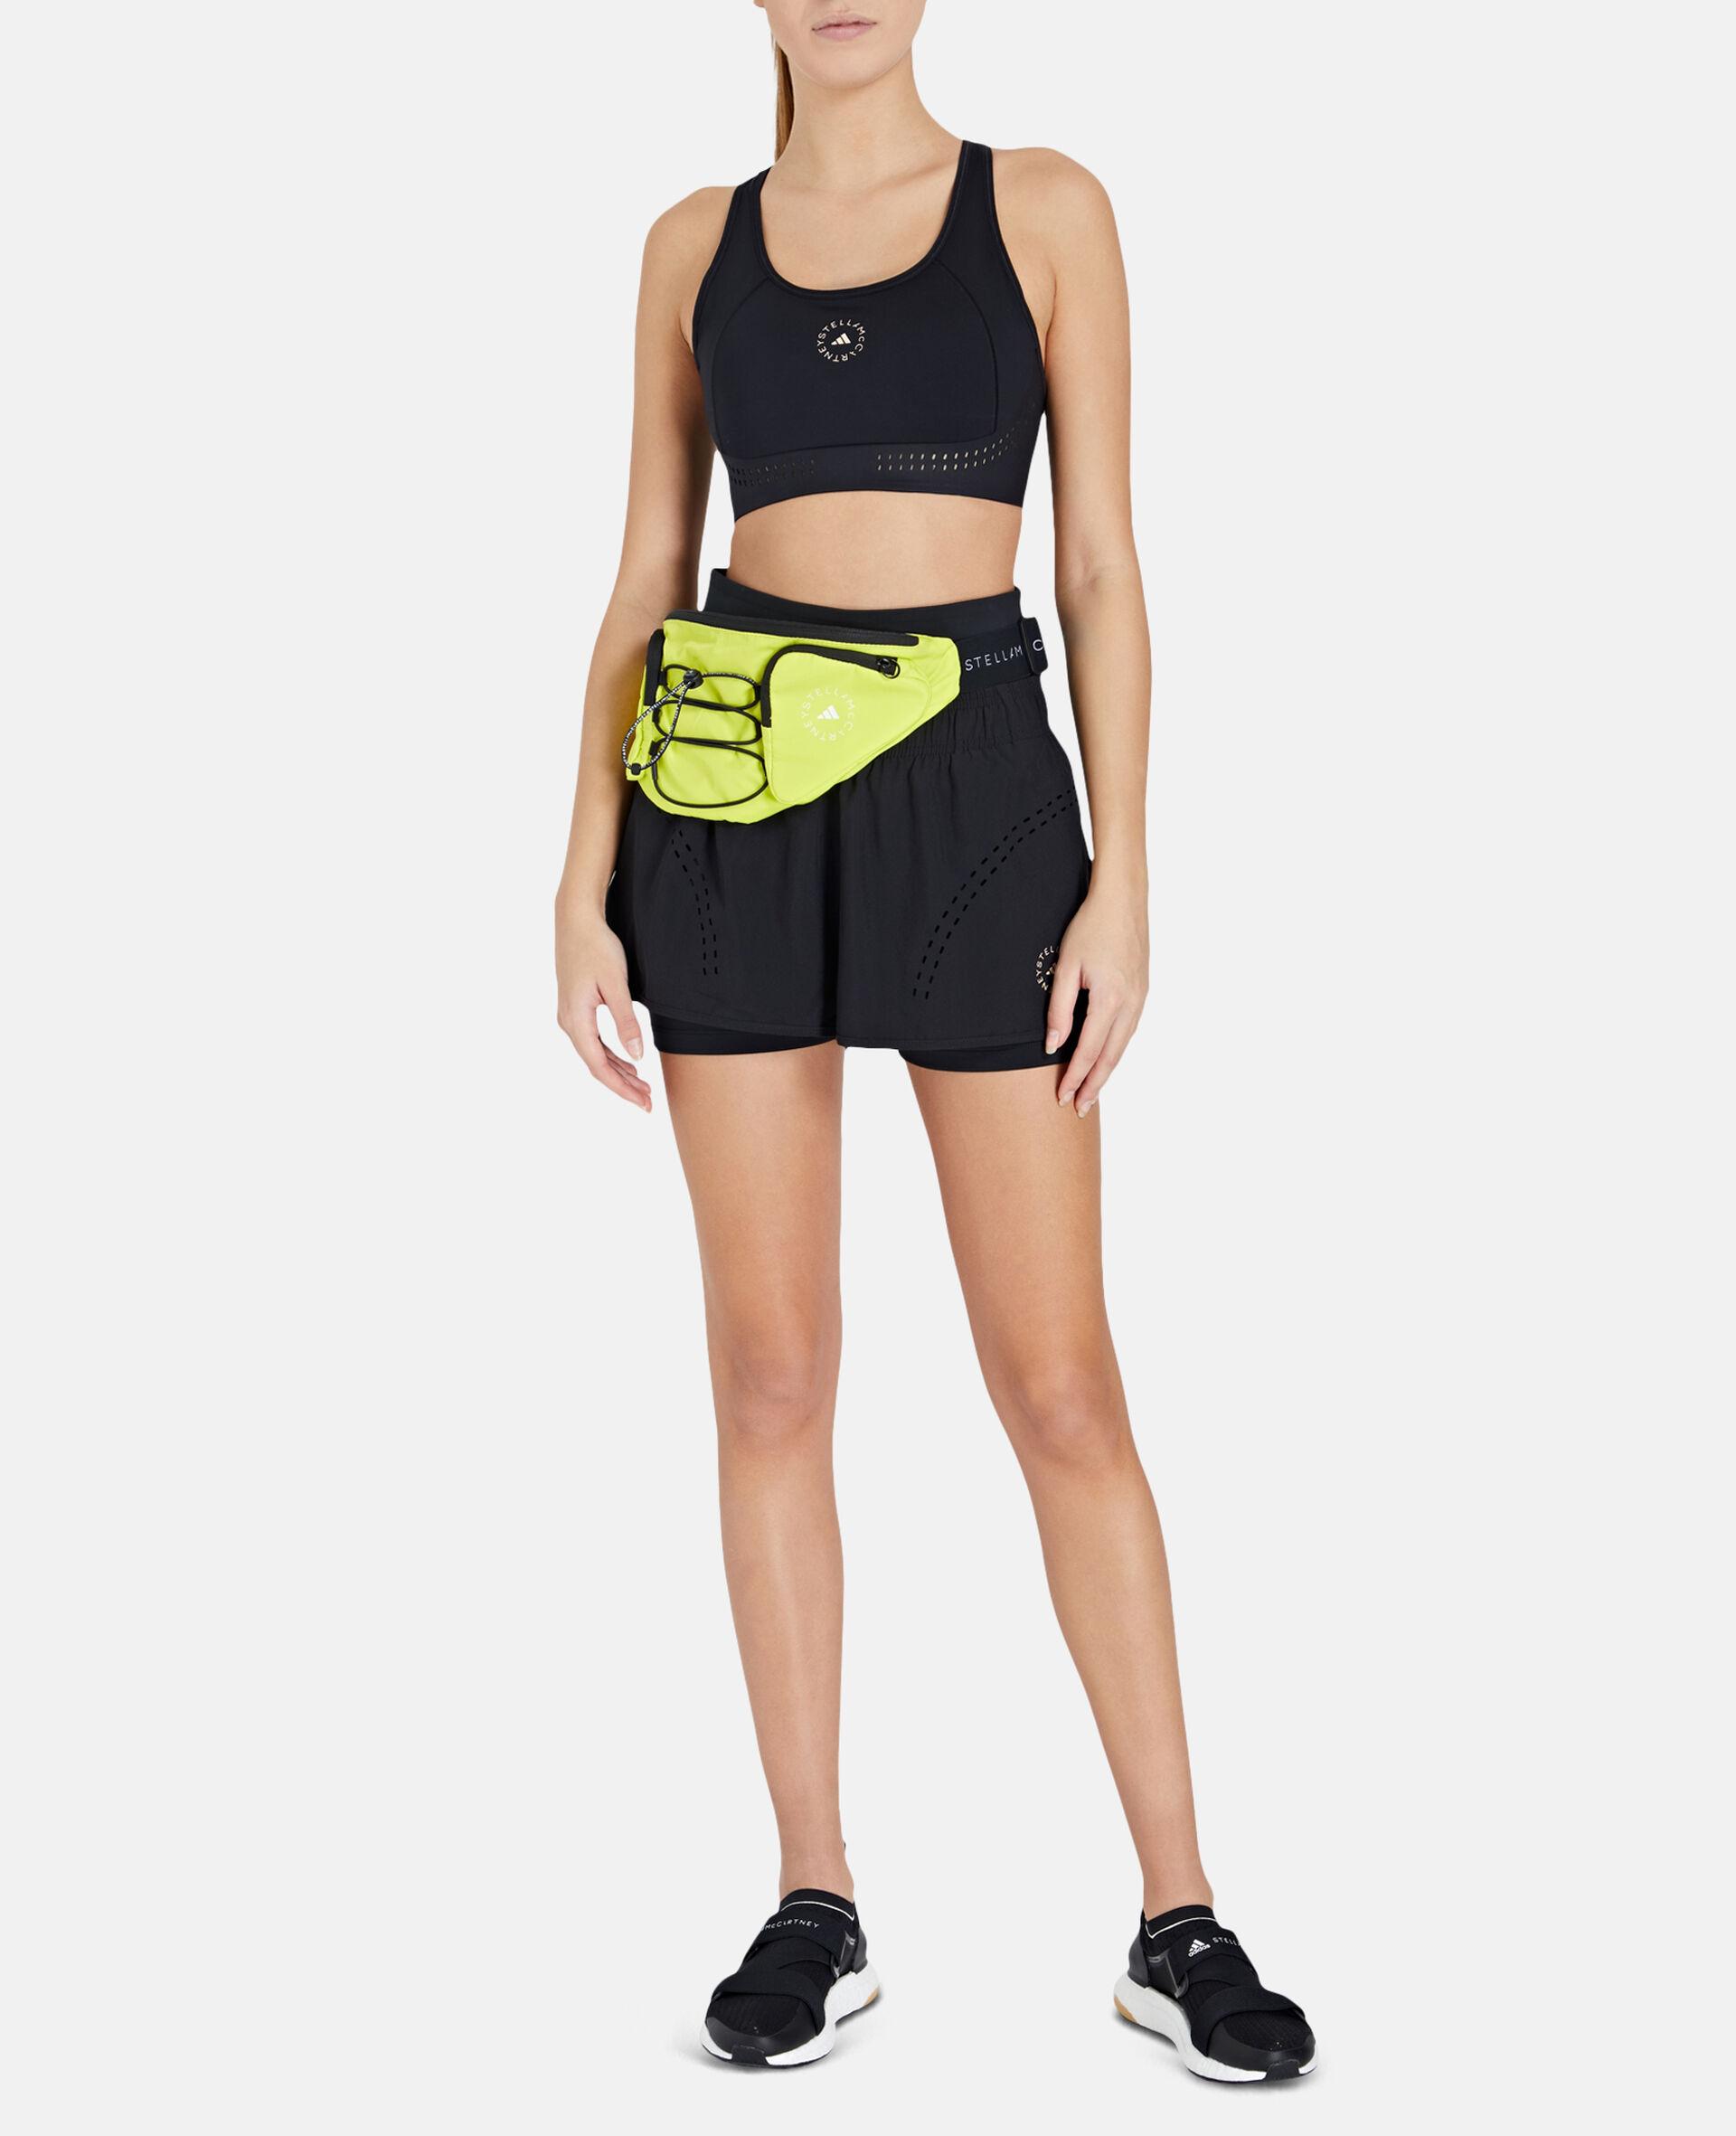 黑色 TruePurpose Training 短裤-黑色-large image number 1